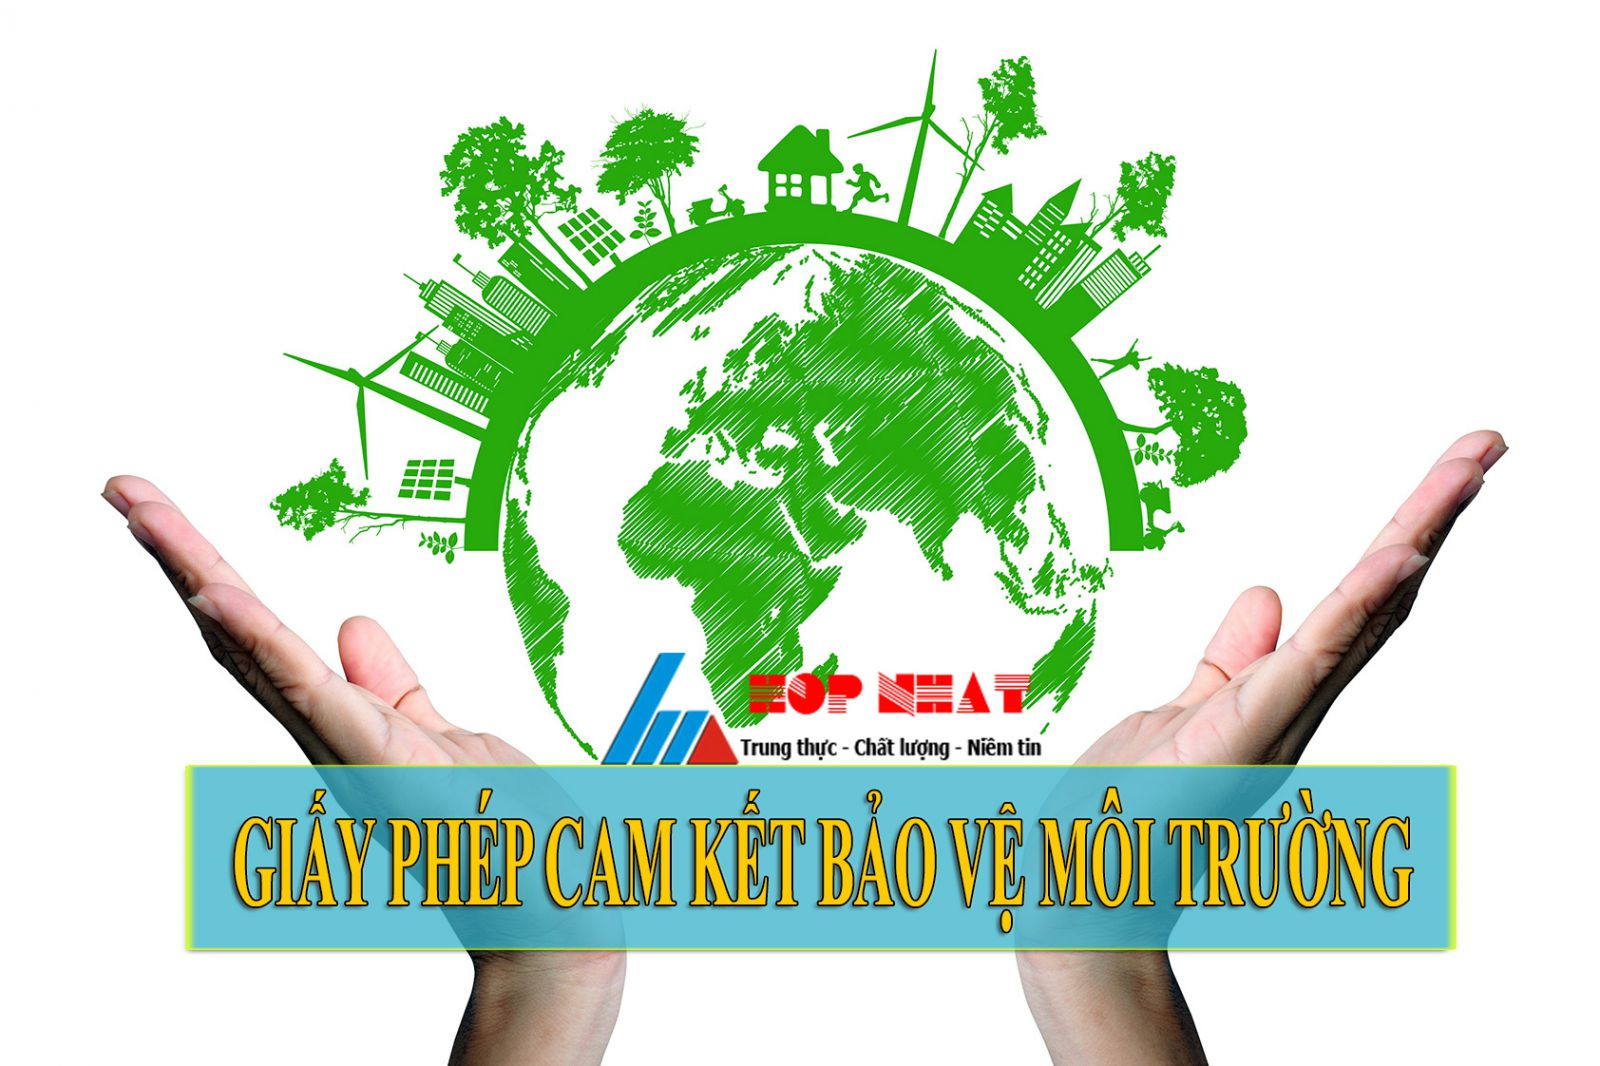 Giấy phép cam kết bảo vệ môi trường